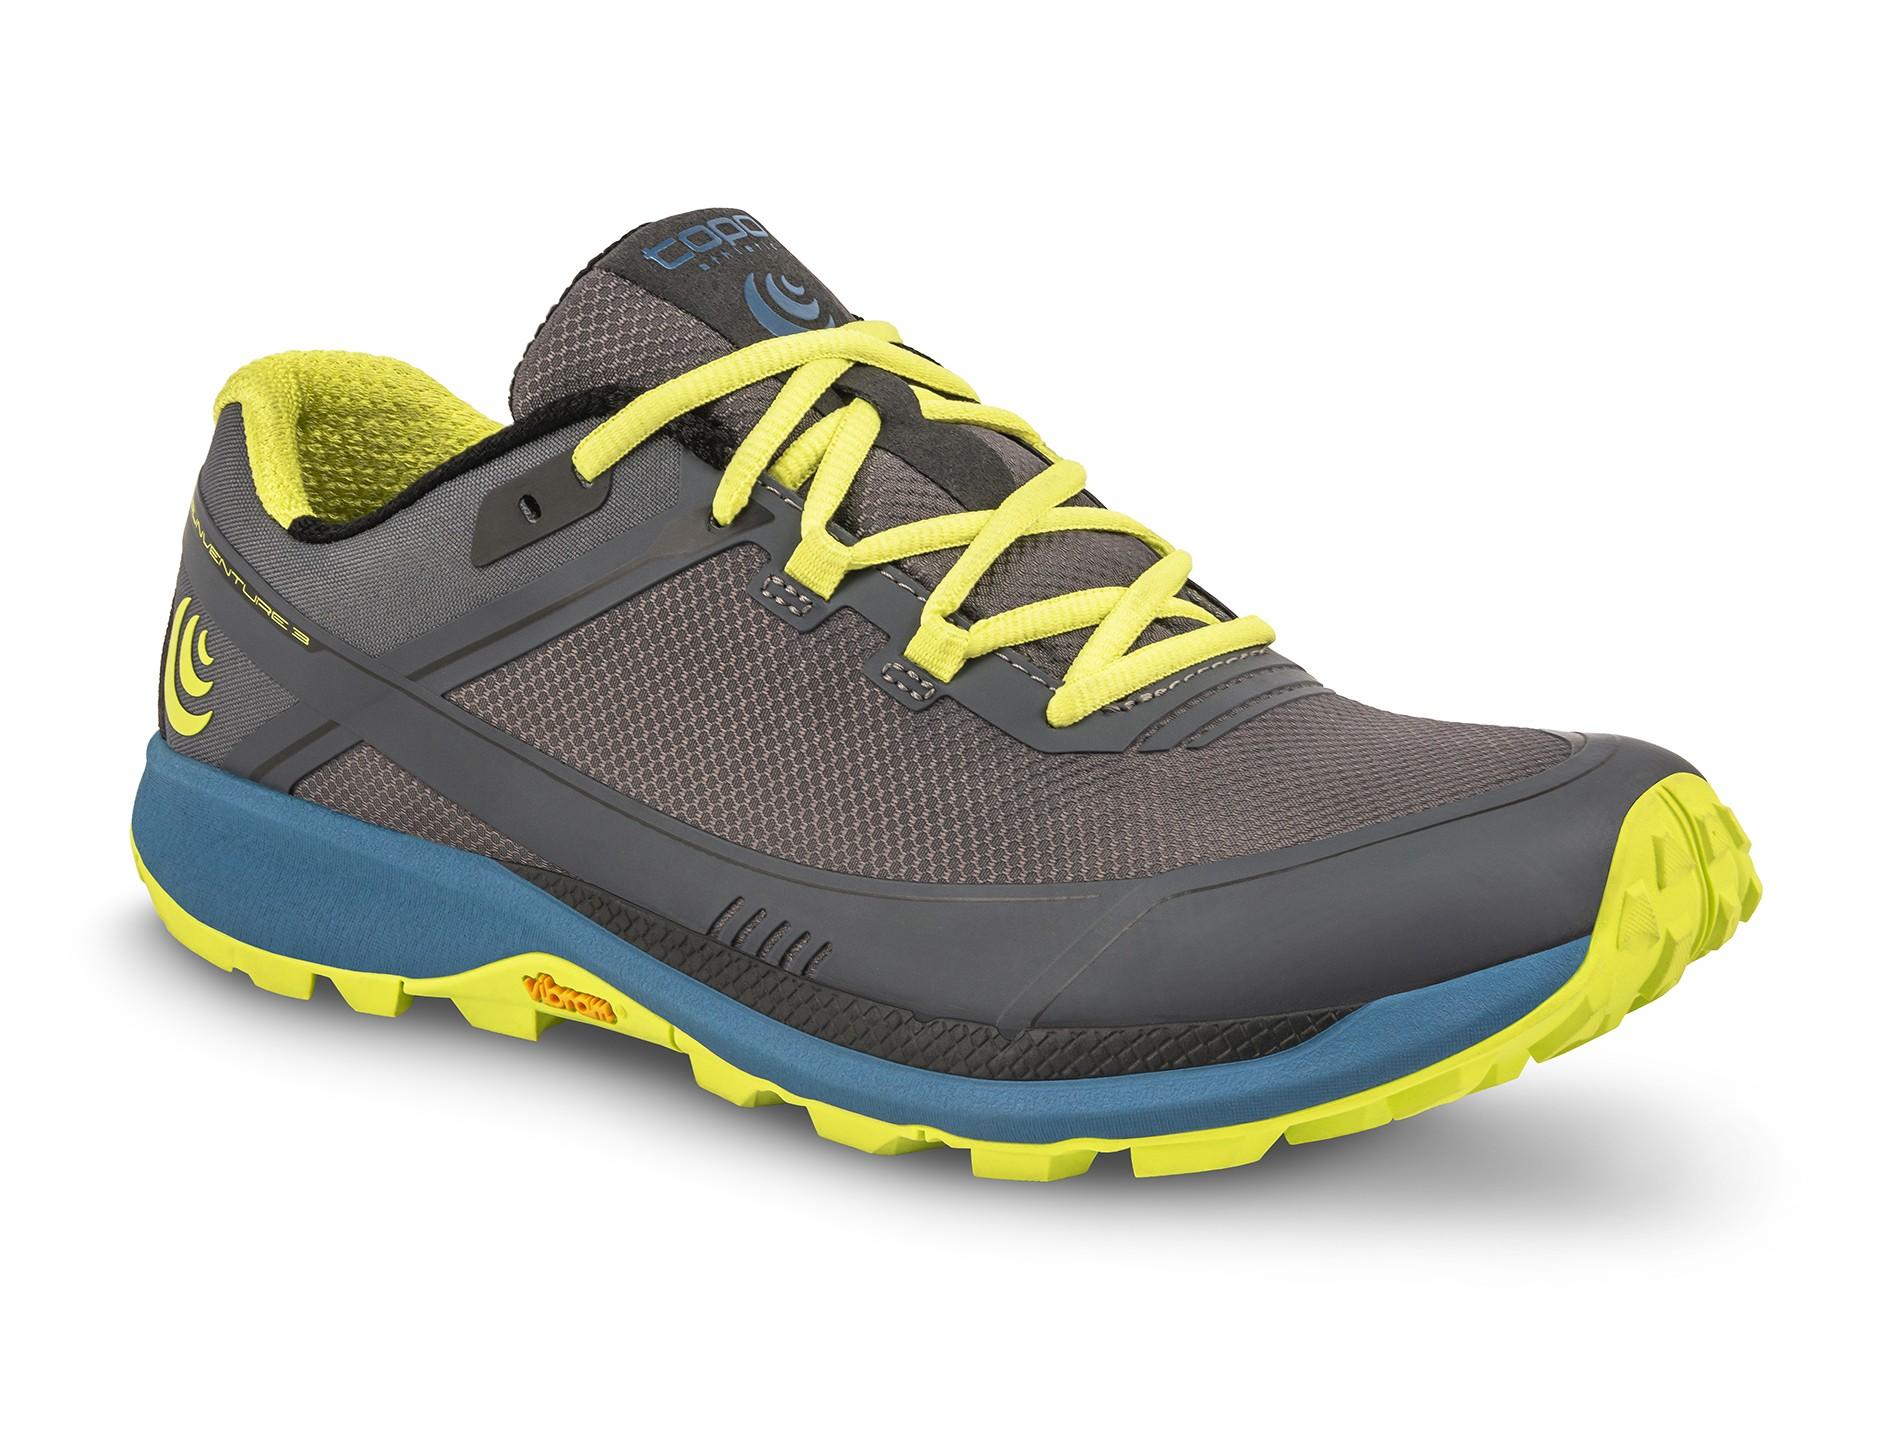 Women's Zero-Drop Trail Running Shoes